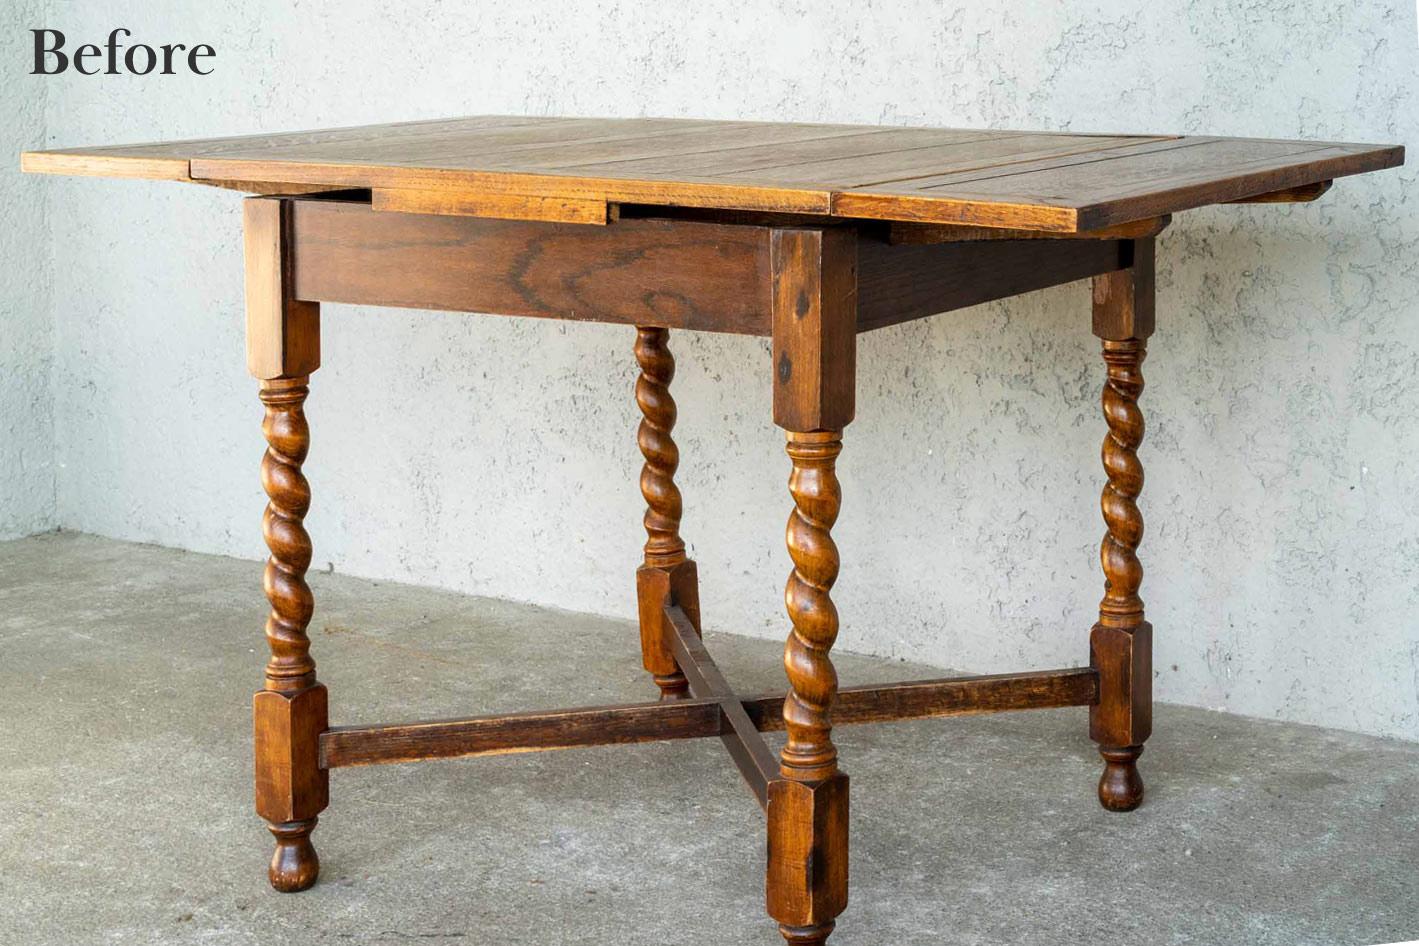 アンティークドローリーフテーブル リペア前の画像